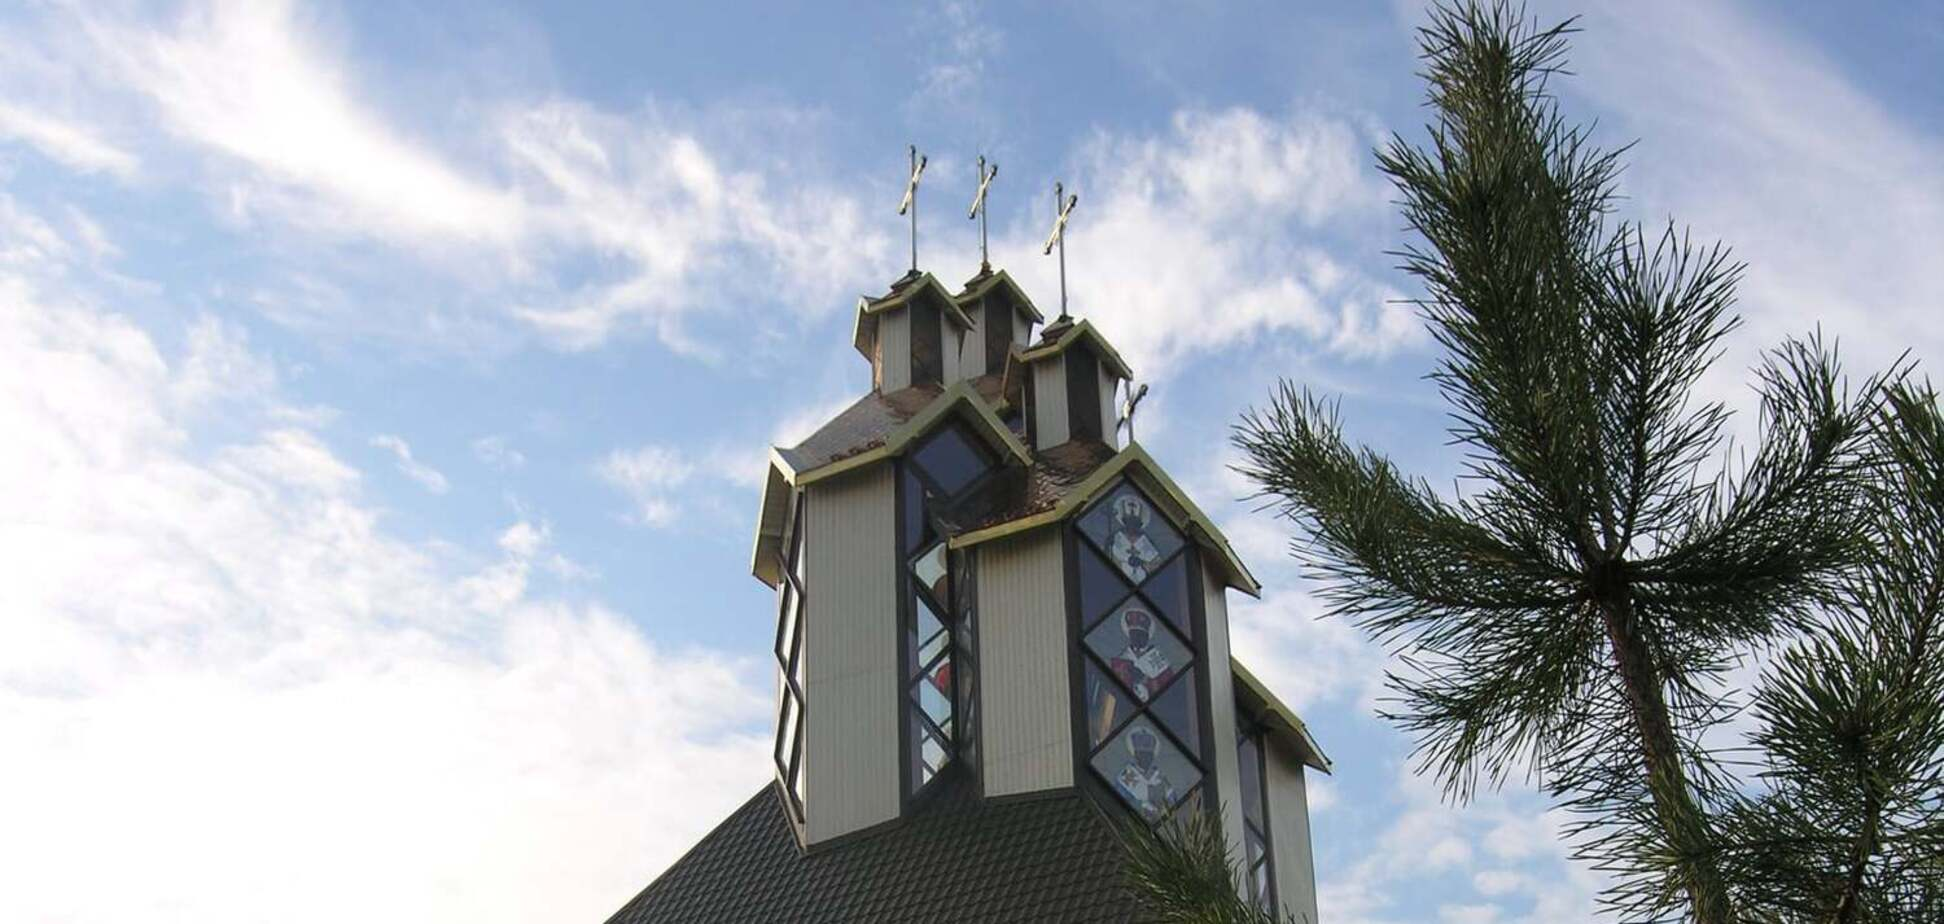 Церква Найсвятішого Серця Христа Чоловіколюбця в Івано-Франківську